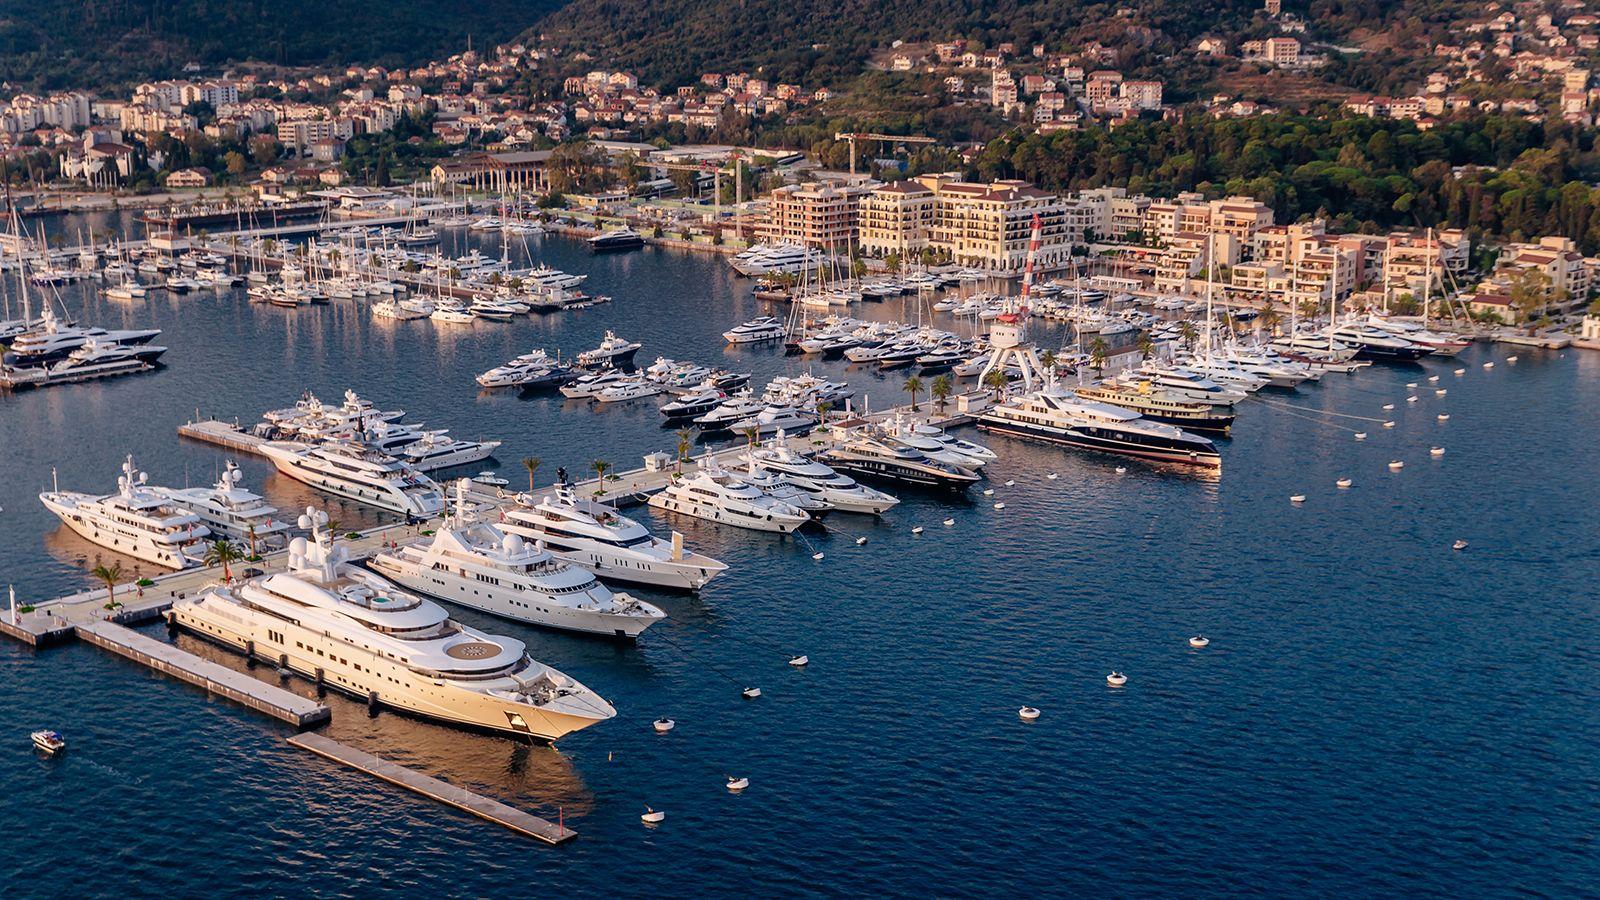 bUVyUEORJqsraVNeAqXz porto montenegro seabin.